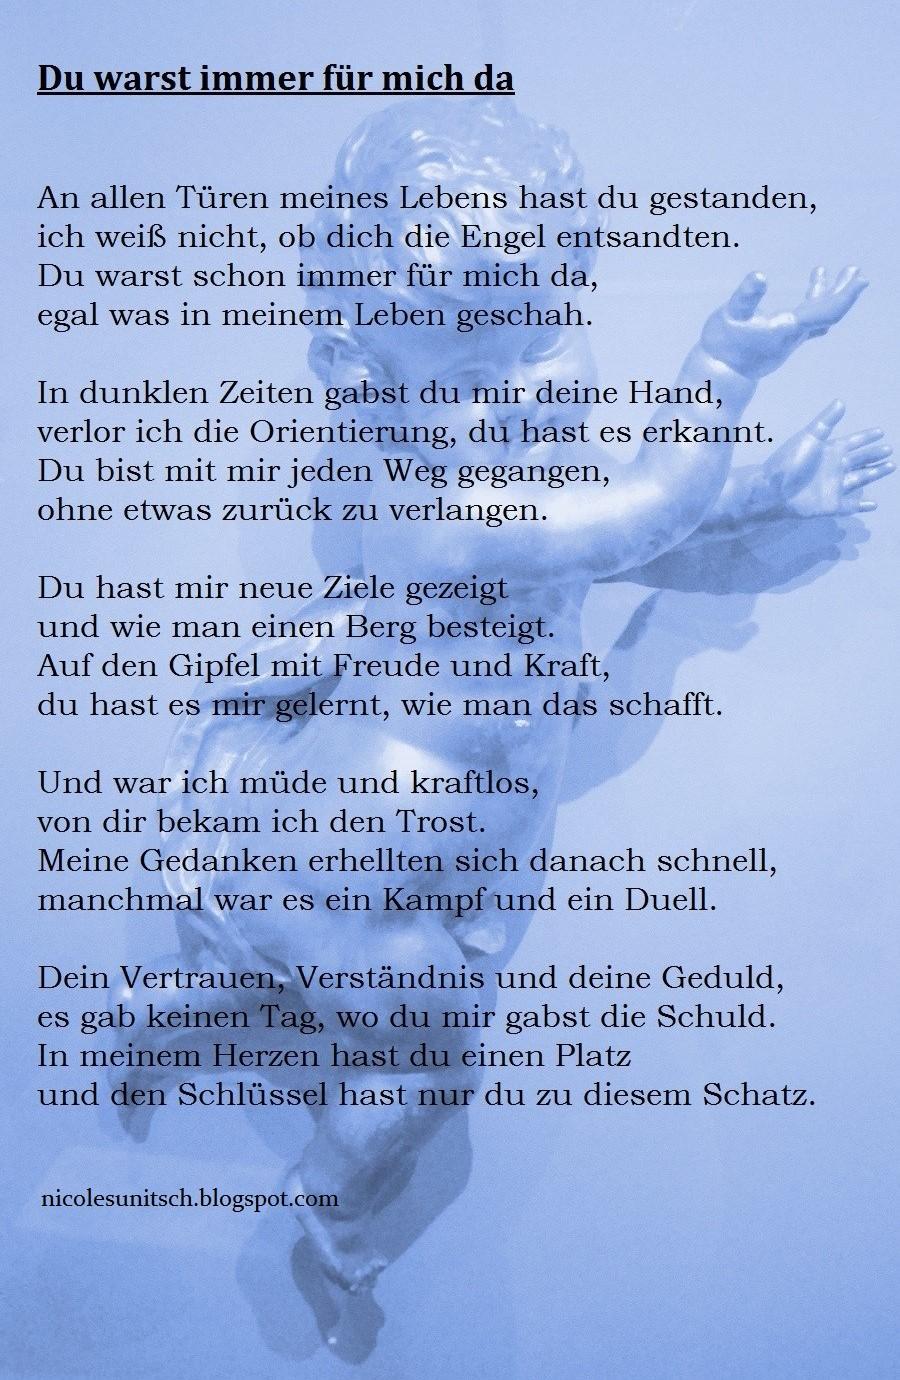 Geburtstag Gedicht Von Herzen Geburtstag